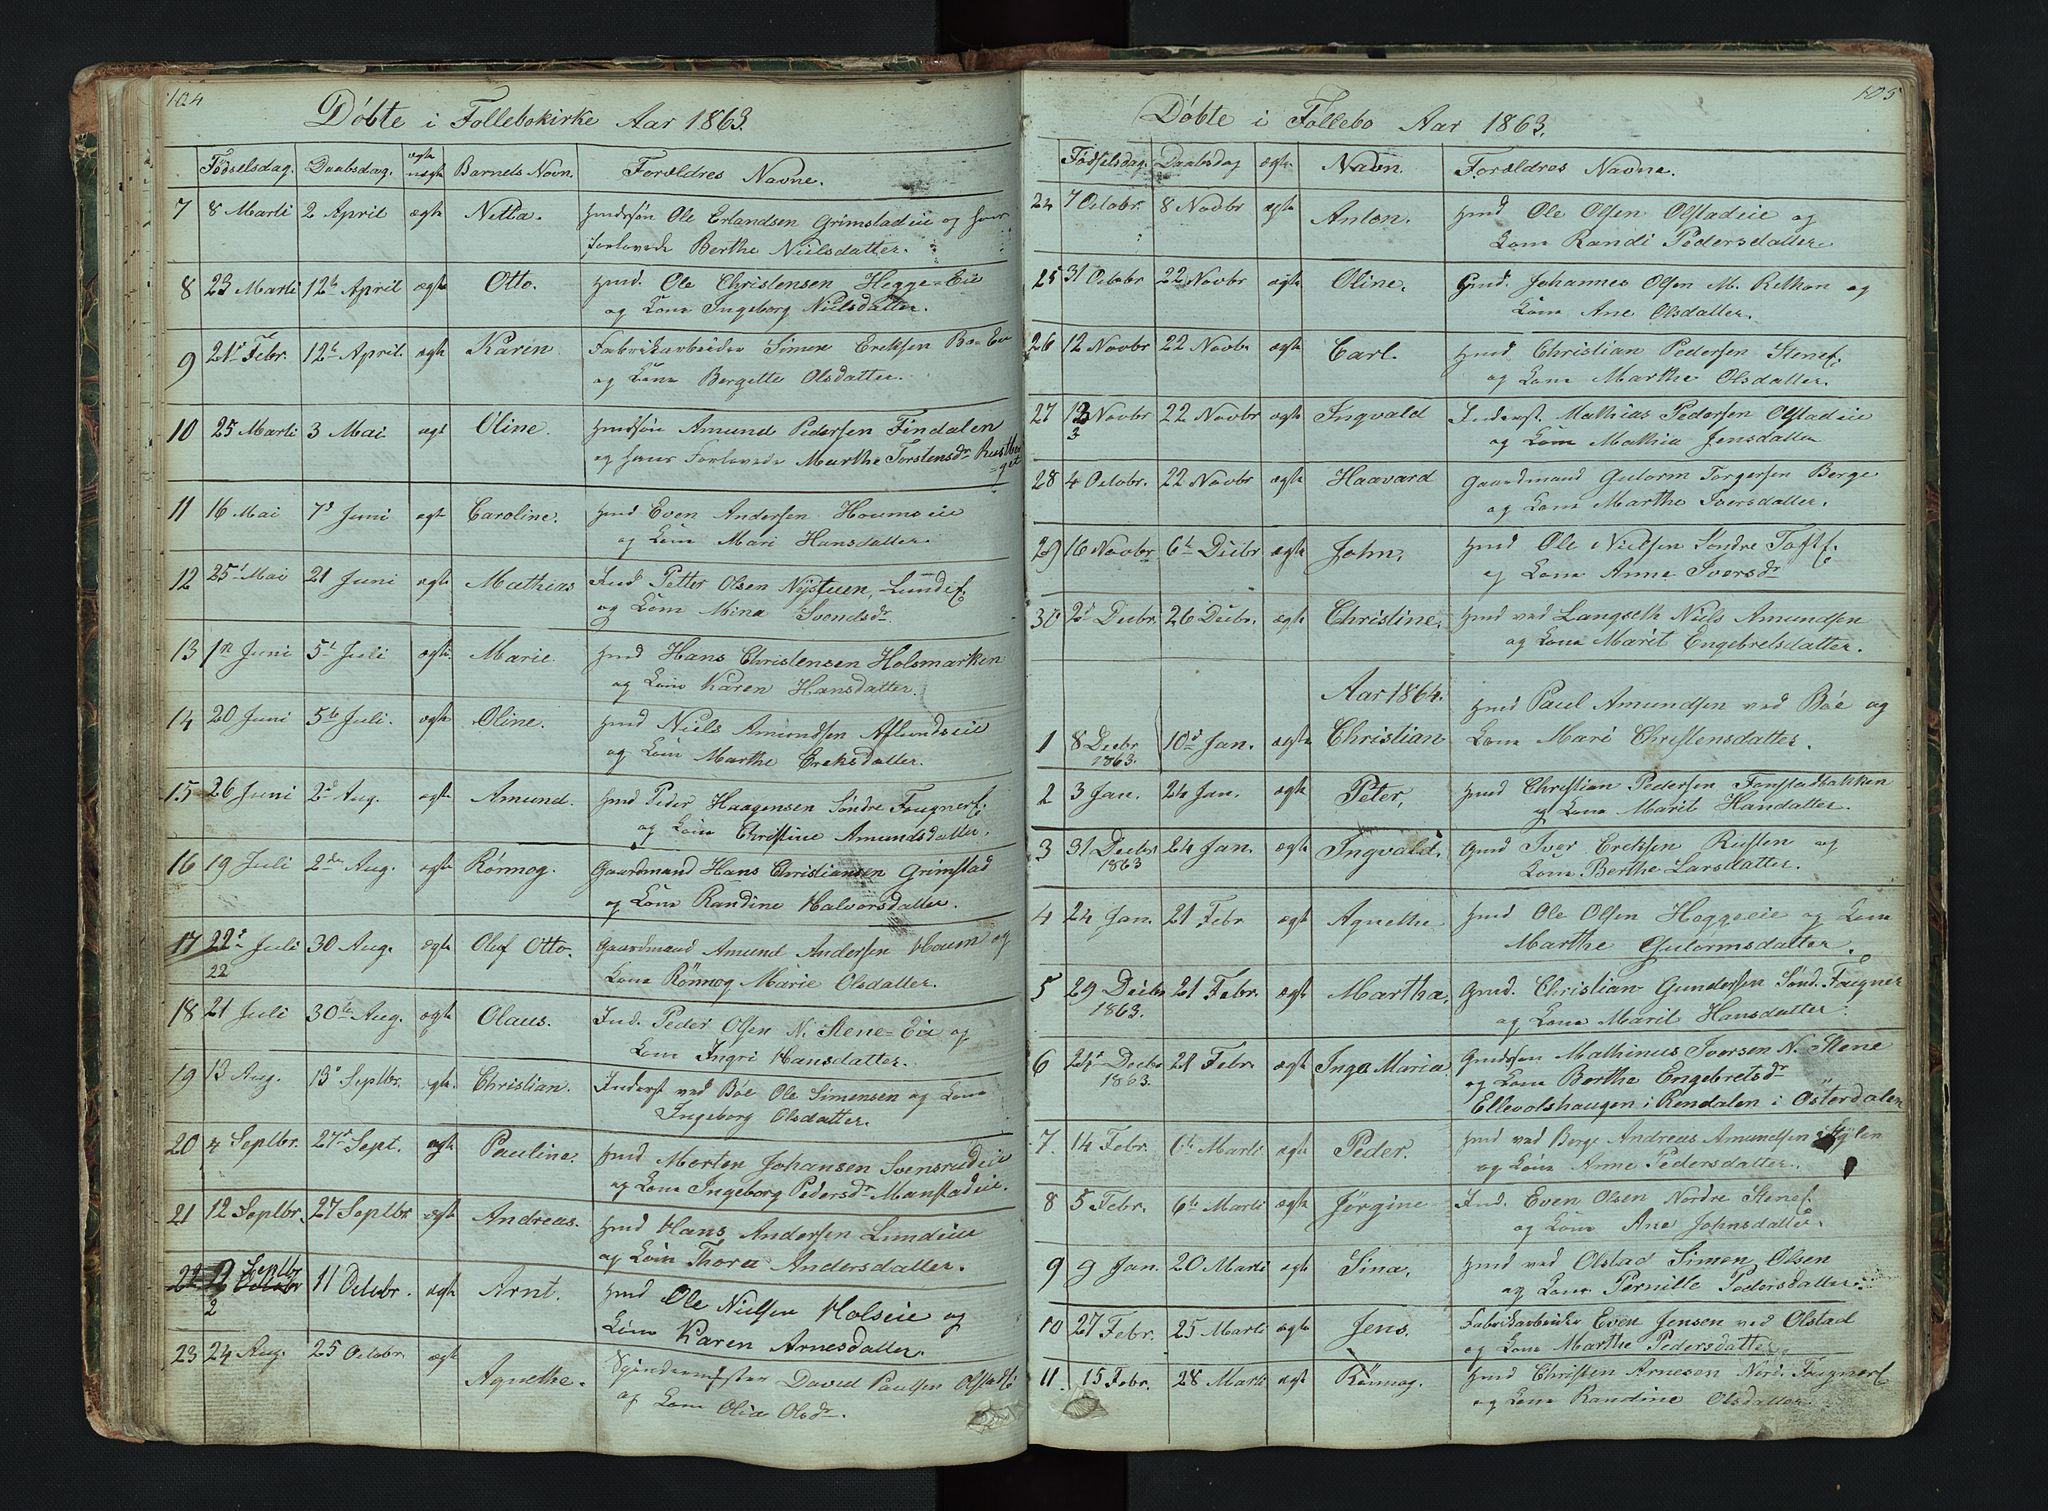 SAH, Gausdal prestekontor, Klokkerbok nr. 6, 1846-1893, s. 104-105